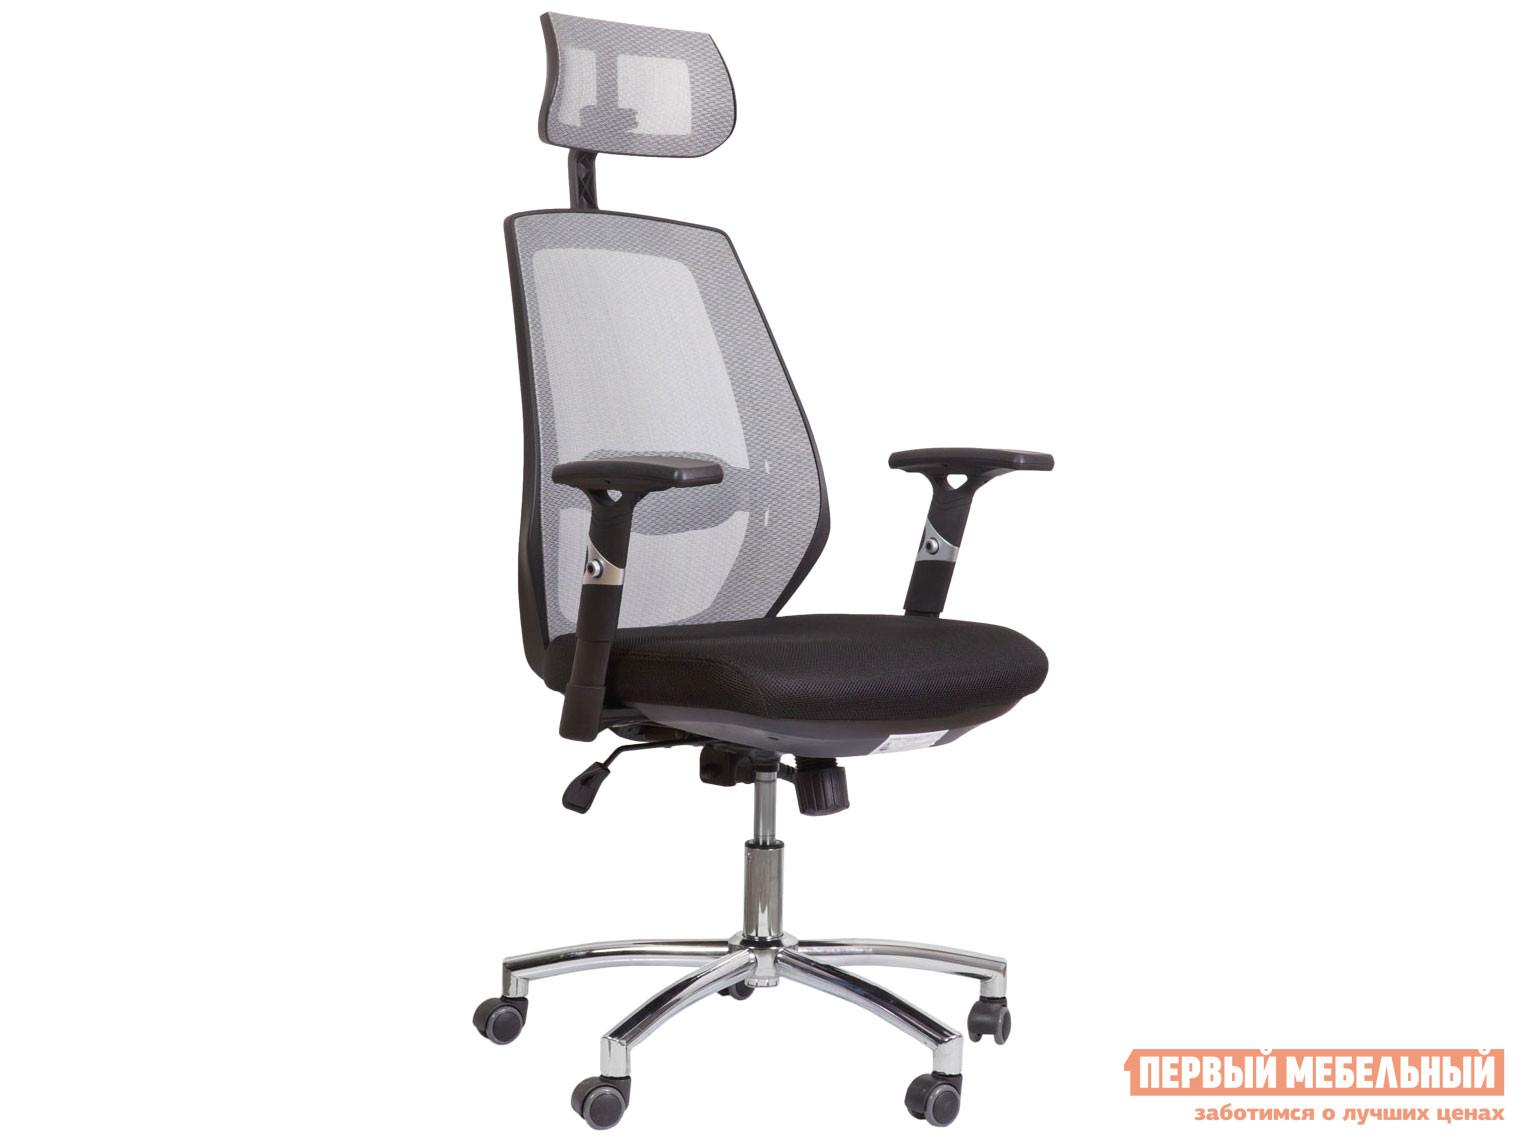 Кресло руководителя Первый Мебельный Кресло поворотное SPIRIT